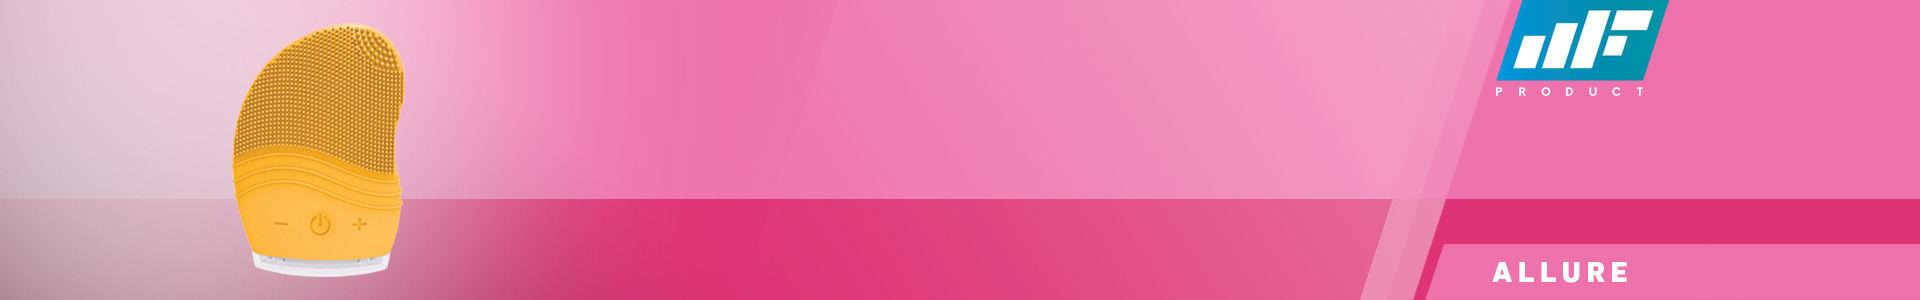 MF Product Allure 0158 Titreşimli Yüz Temizleme Cihazı Turuncu için en iyi fiyatı buldun!